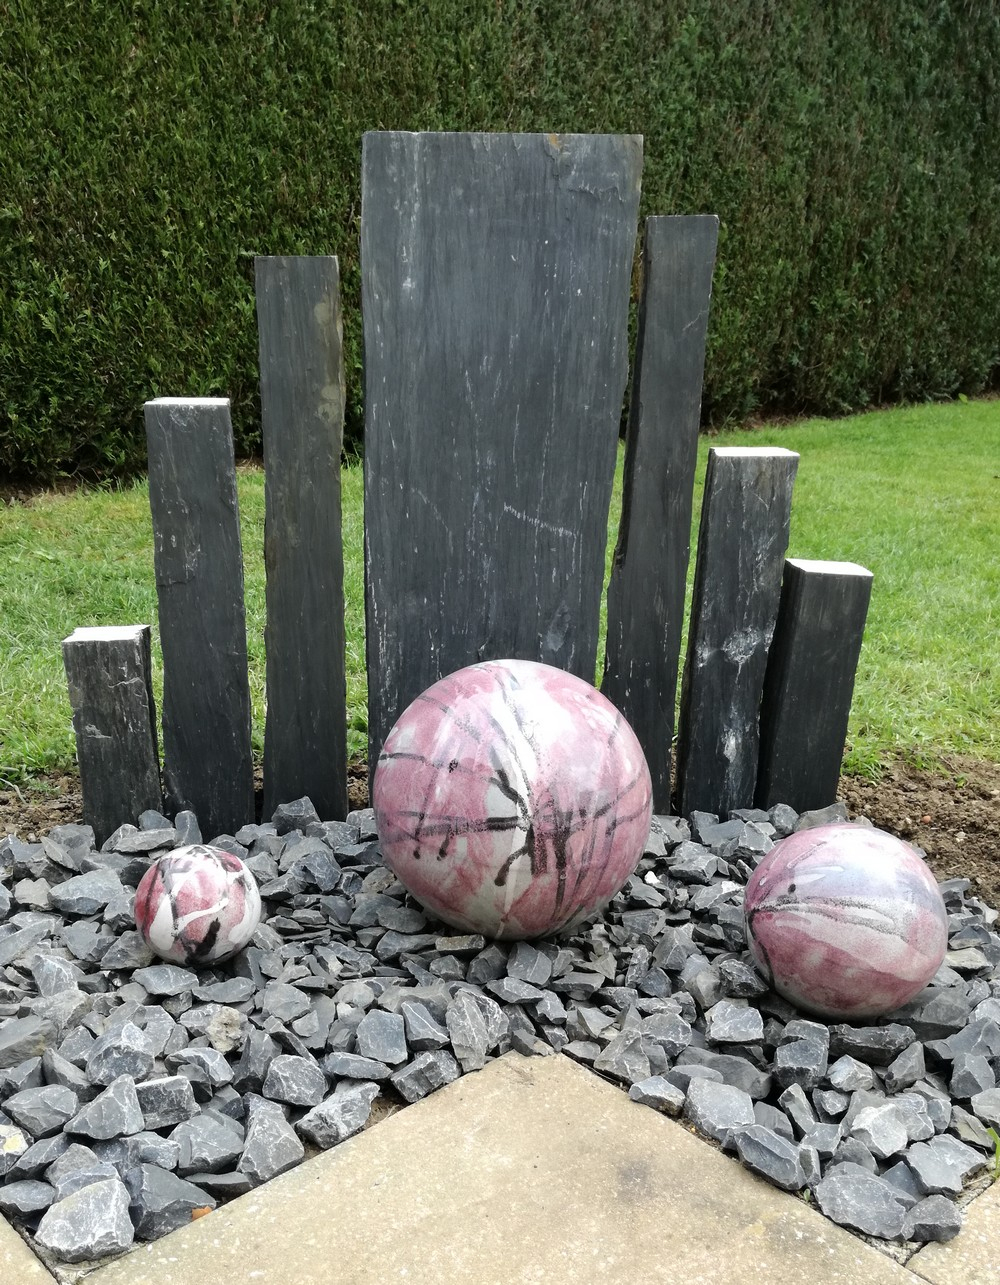 Boules En Grès Pour La Décoration Extérieure, Poteries De Jardin encequiconcerne Boule Décorative Jardin